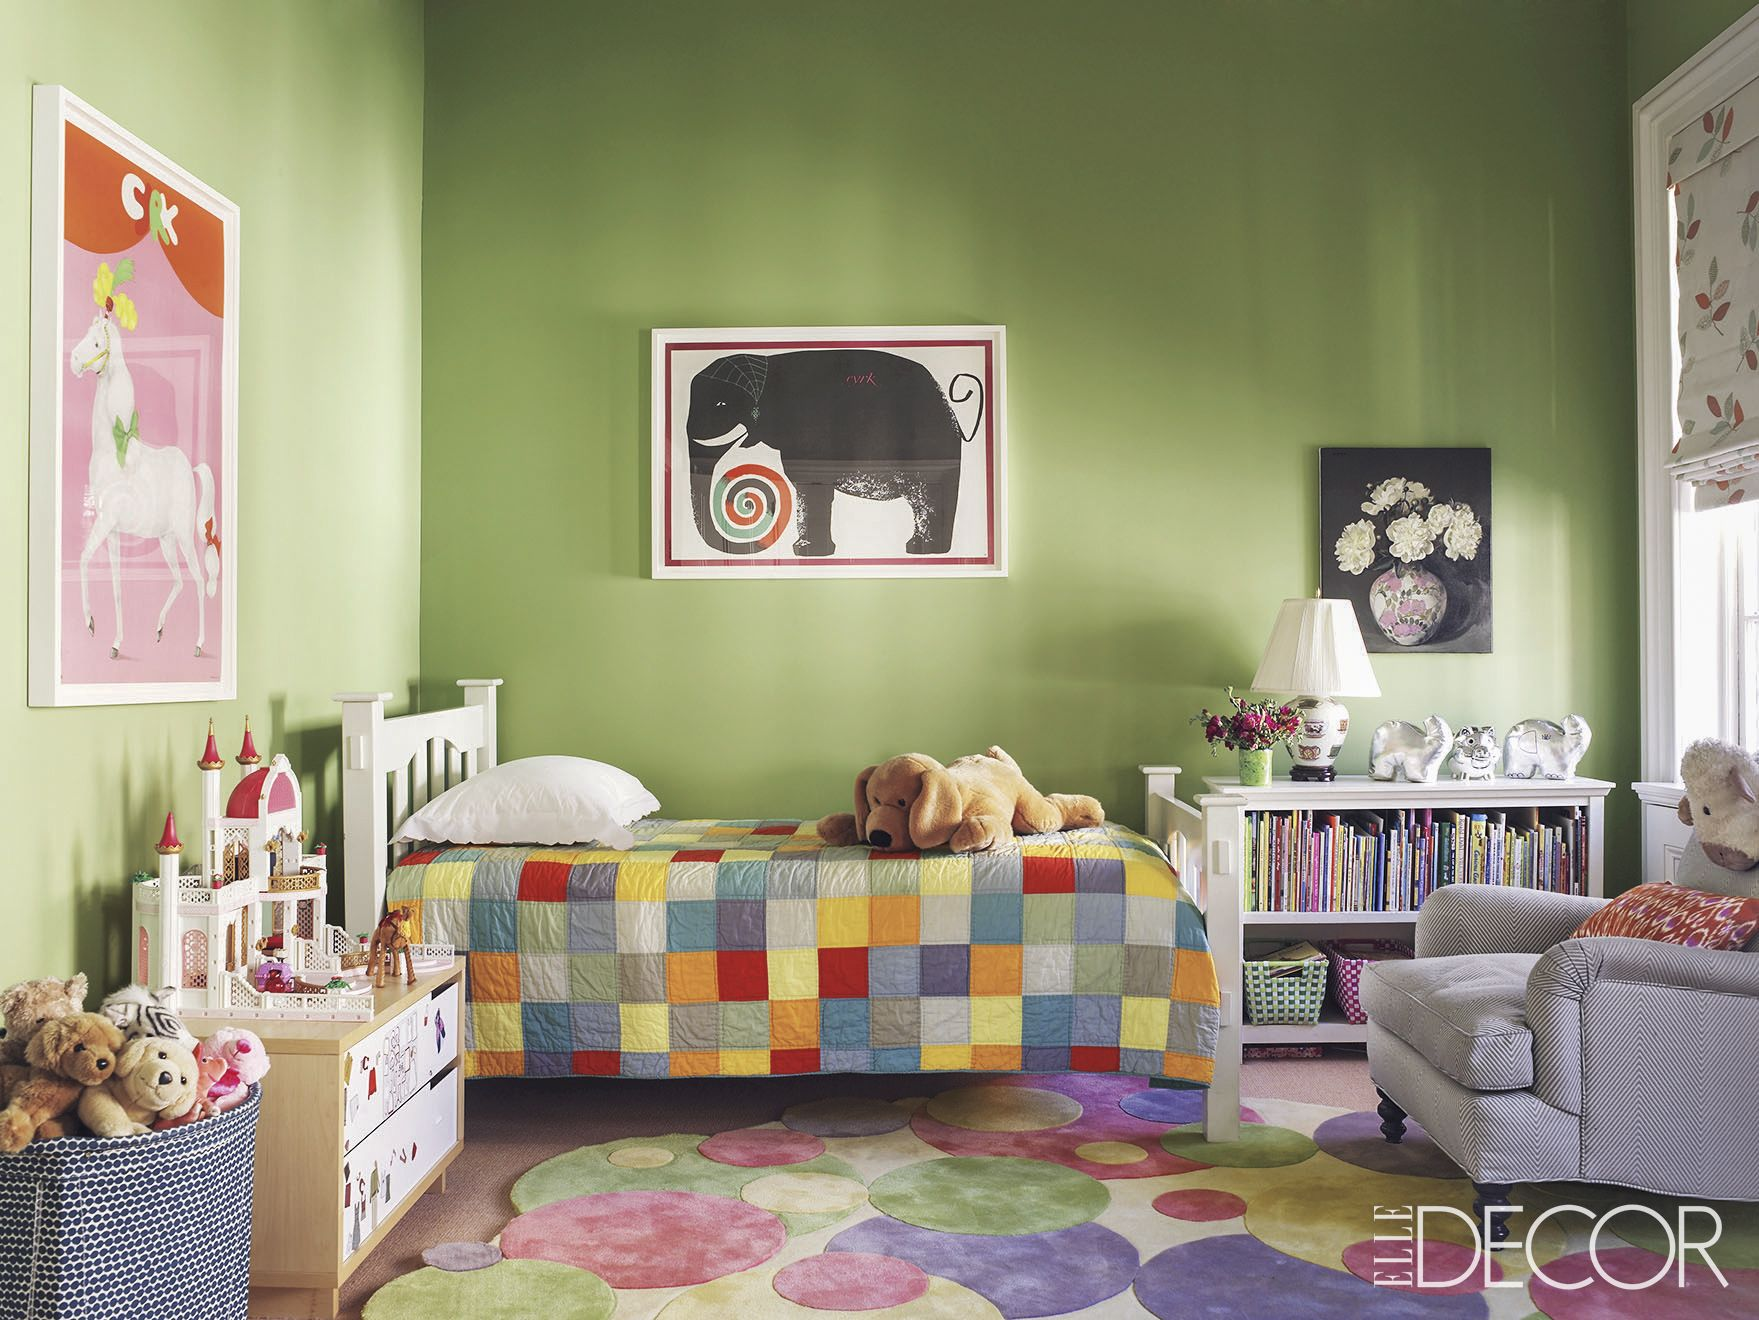 18 cool kids room decorating ideas kids room decor rh elledecor com Boys Room Decor Boys Room Decor